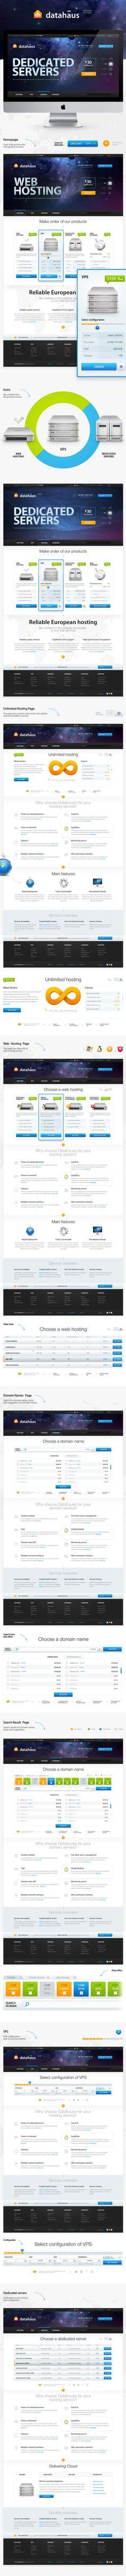 Datahaus by tdeser, via #Behance #Webdesign